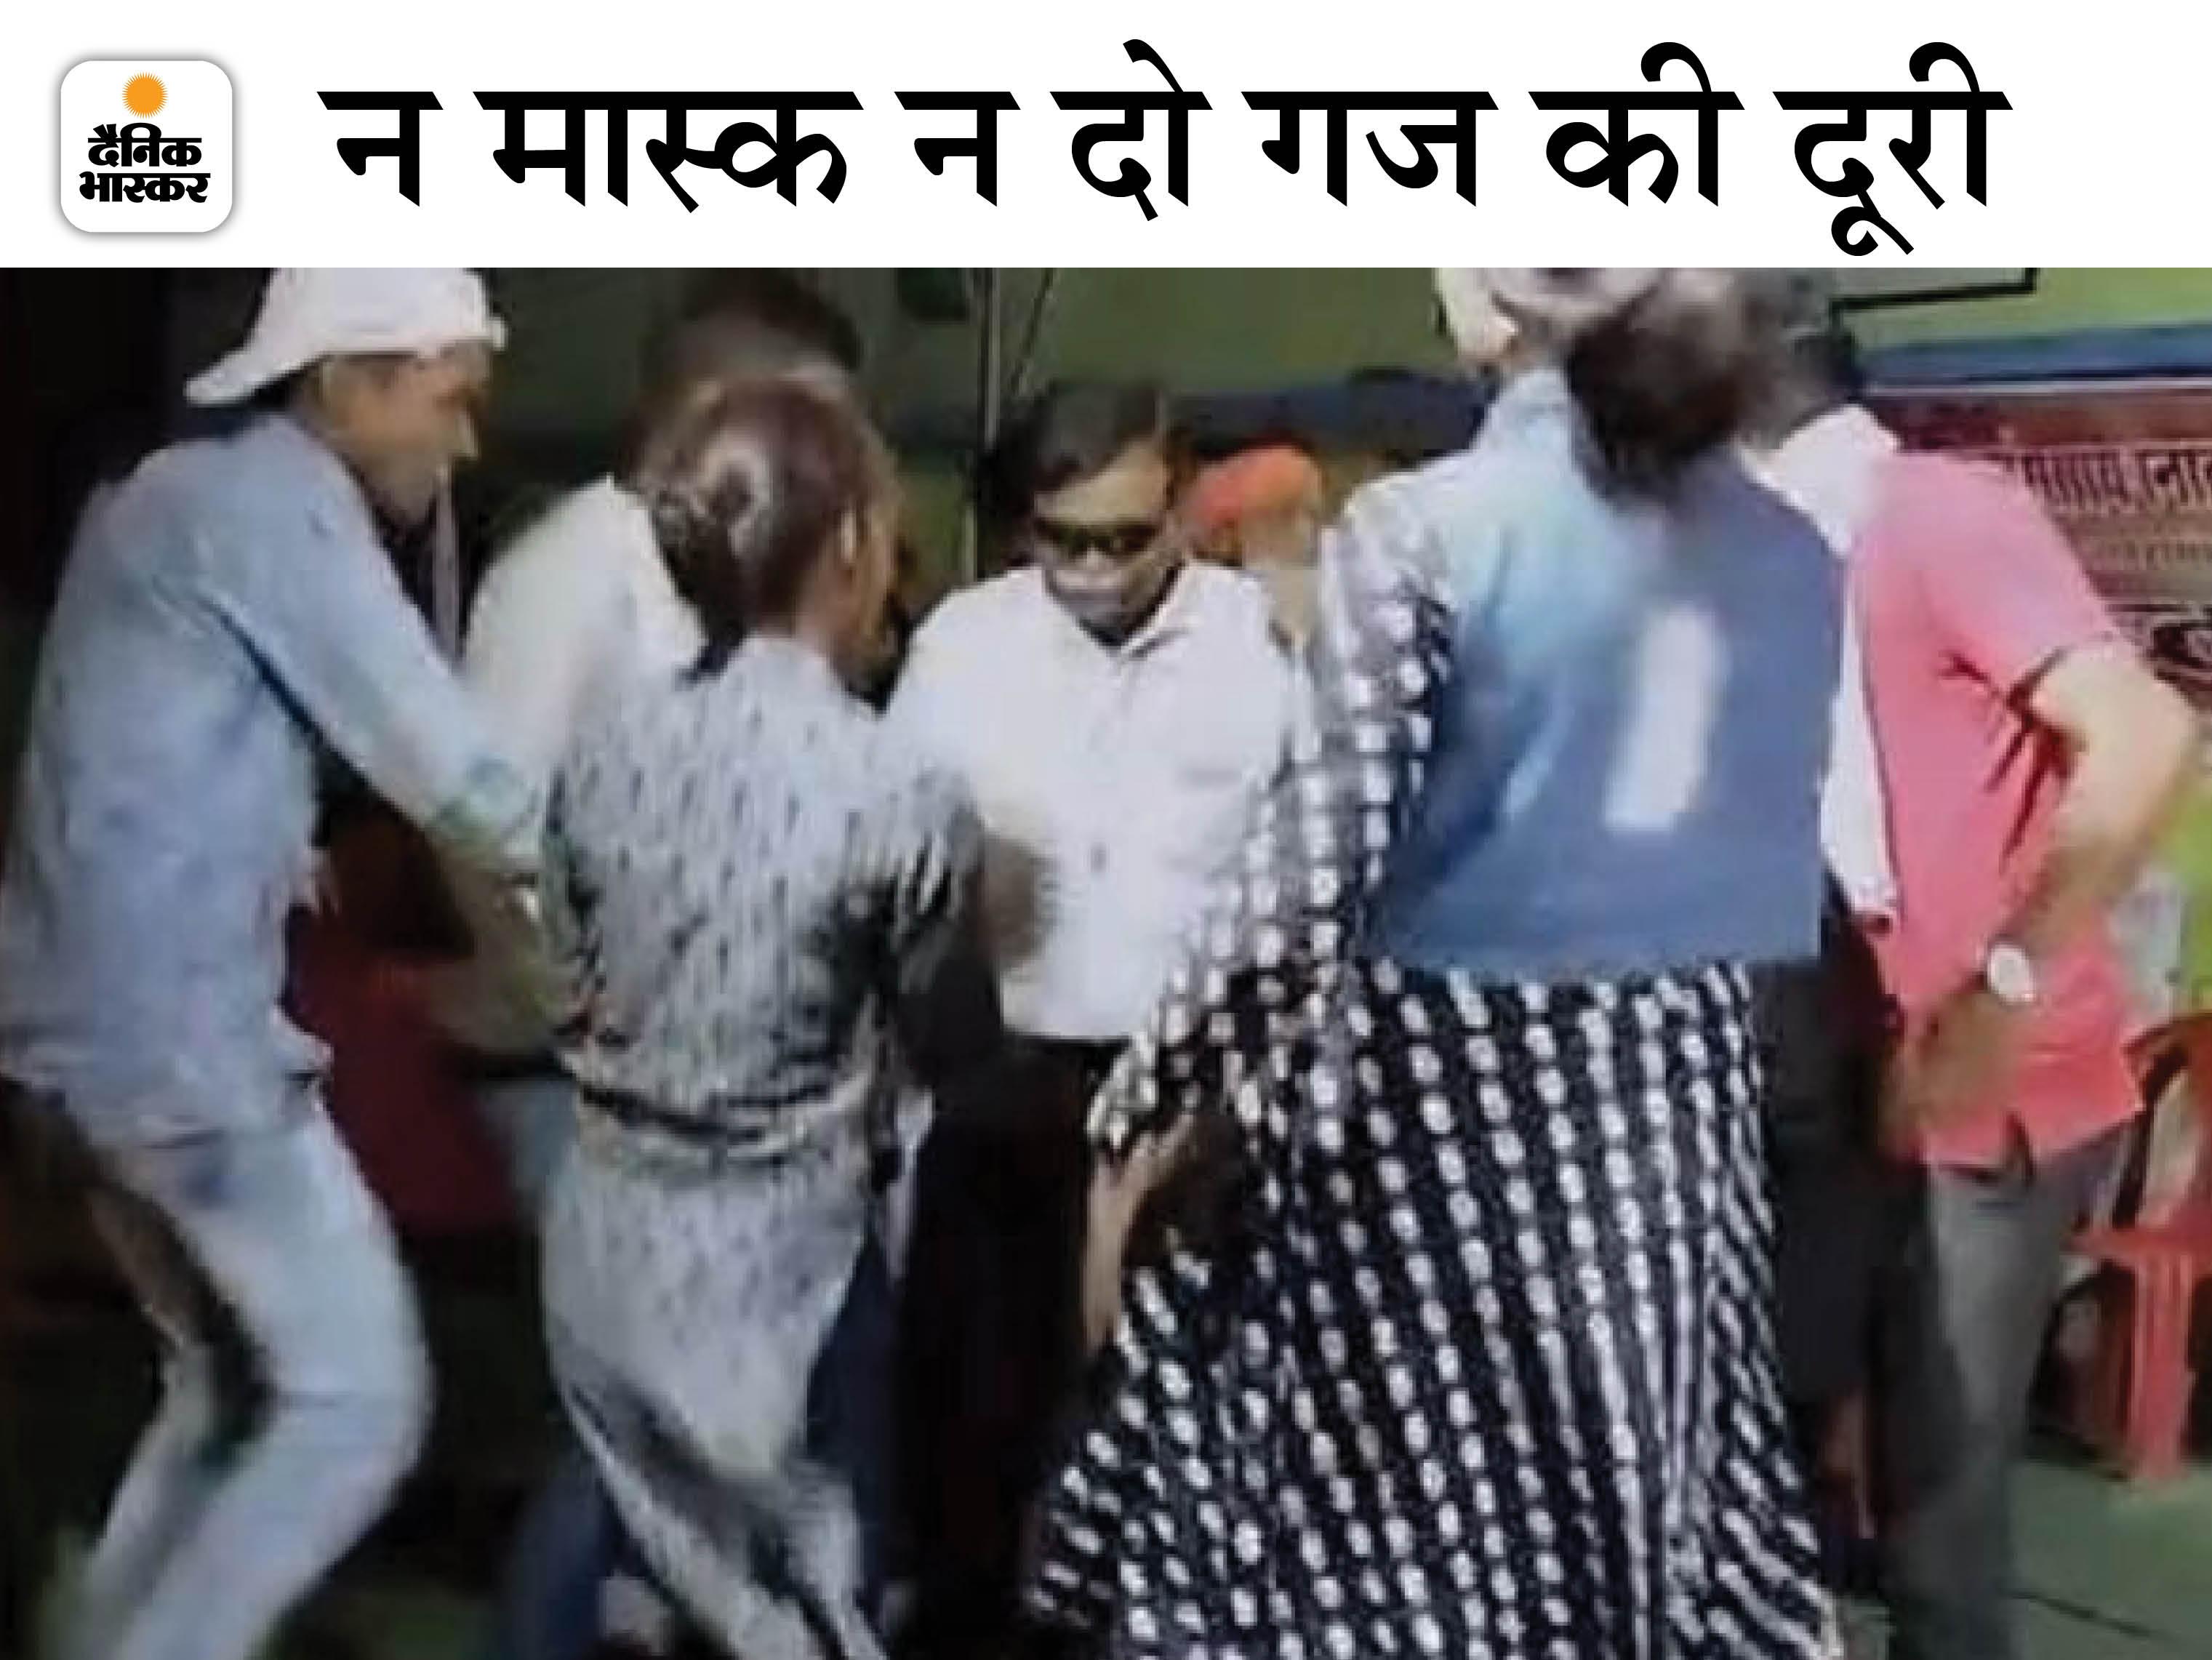 बलरामपुर में शासकीय कॉलेज के प्रिंसिपल ने आधी रात को छात्र-छात्राओं के साथ लगाए ठुमके, बोले- एडिटेड है|छत्तीसगढ़,Chhattisgarh - Dainik Bhaskar